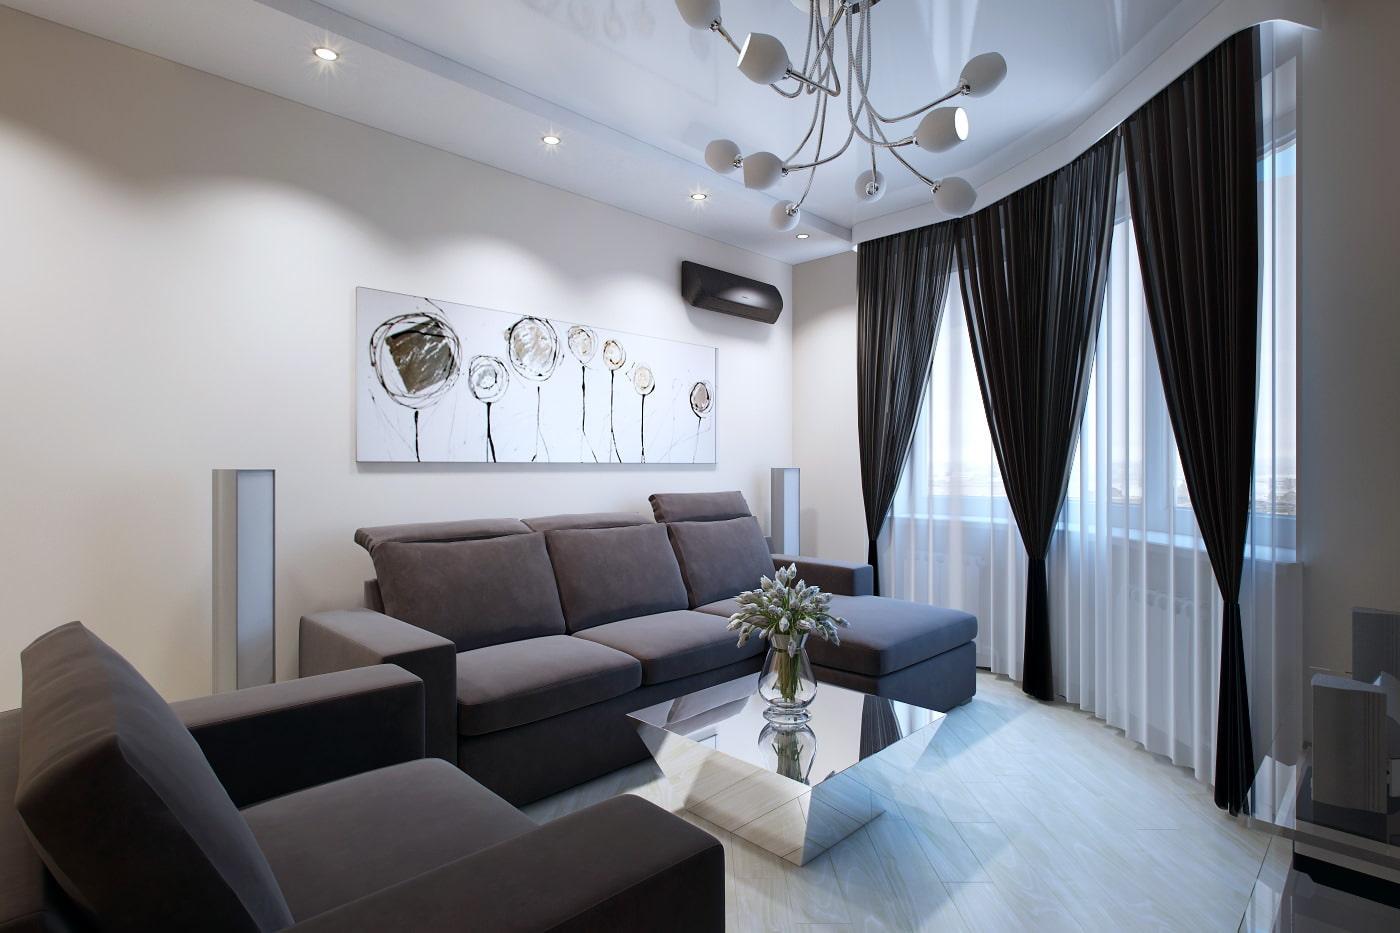 Фото ремонта квартир в панельных домах з комнатная